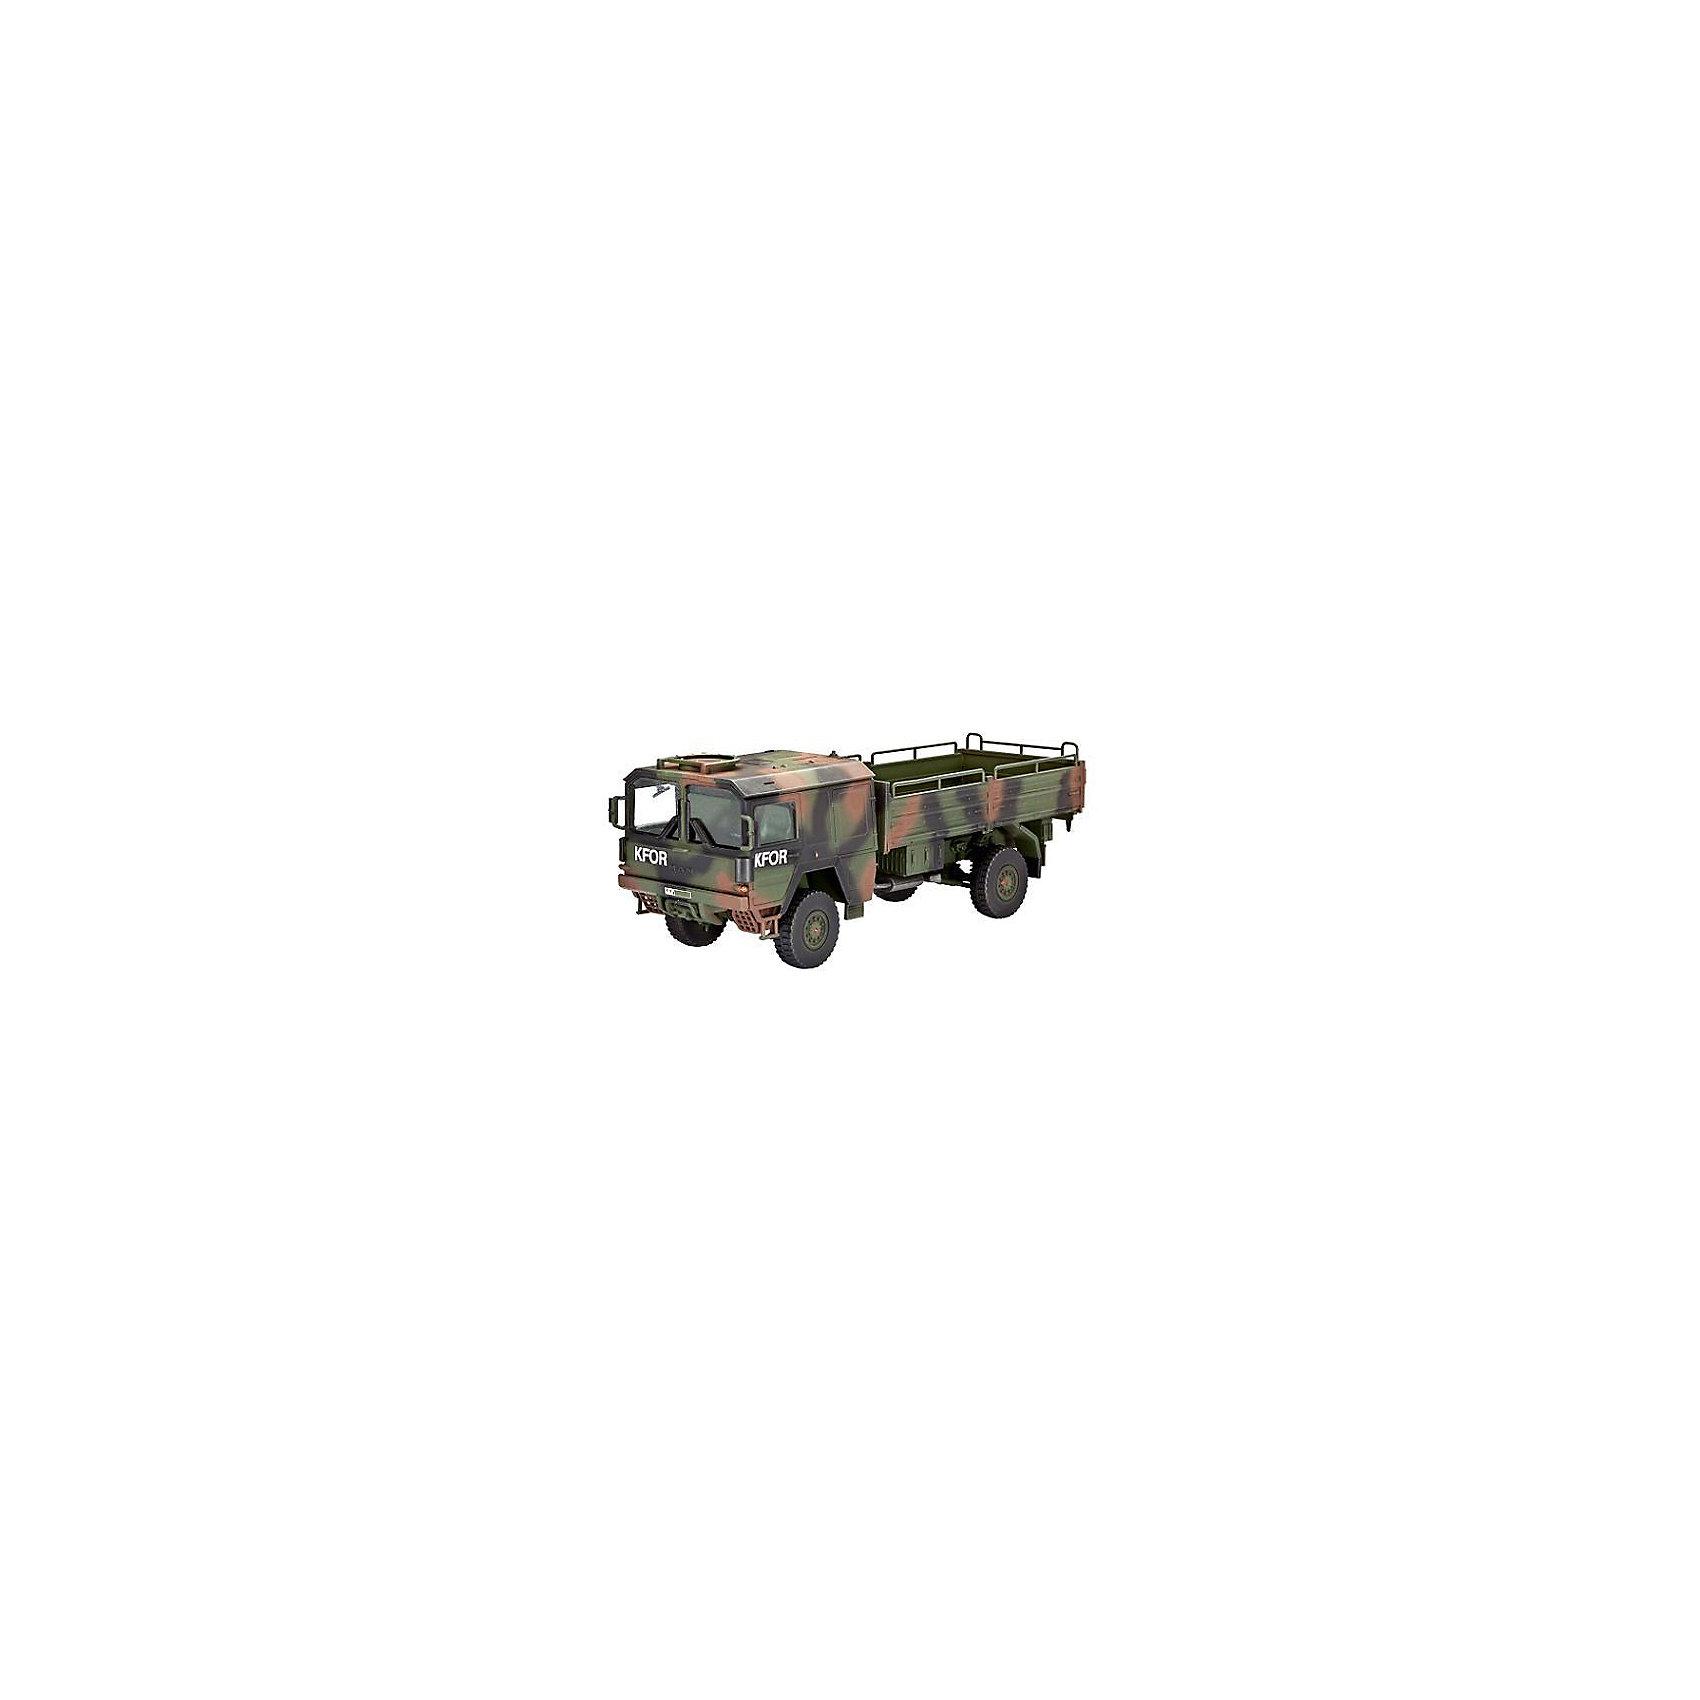 Немецкий грузовик 5t. mil glМодели для склеивания<br>Сборная модель современного армейского грузовика, состоящего на вооружении немецкой армии. Двигатель V8 мощностью 256 л.с. позволяет развивать автомобилю скорость до 90 км/ч. А подвеска 4x4 помогает преодолевать любое бездорожье. <br>Масштаб: 1:72 <br>Количество деталей: 110 <br>Длина модели: 111 мм <br>Подойдет для детей старше 10-и лет <br>Клей и краски в комплект не входят.<br><br>Ширина мм: 9999<br>Глубина мм: 9999<br>Высота мм: 9999<br>Вес г: 9999<br>Возраст от месяцев: 156<br>Возраст до месяцев: 2147483647<br>Пол: Мужской<br>Возраст: Детский<br>SKU: 7122334